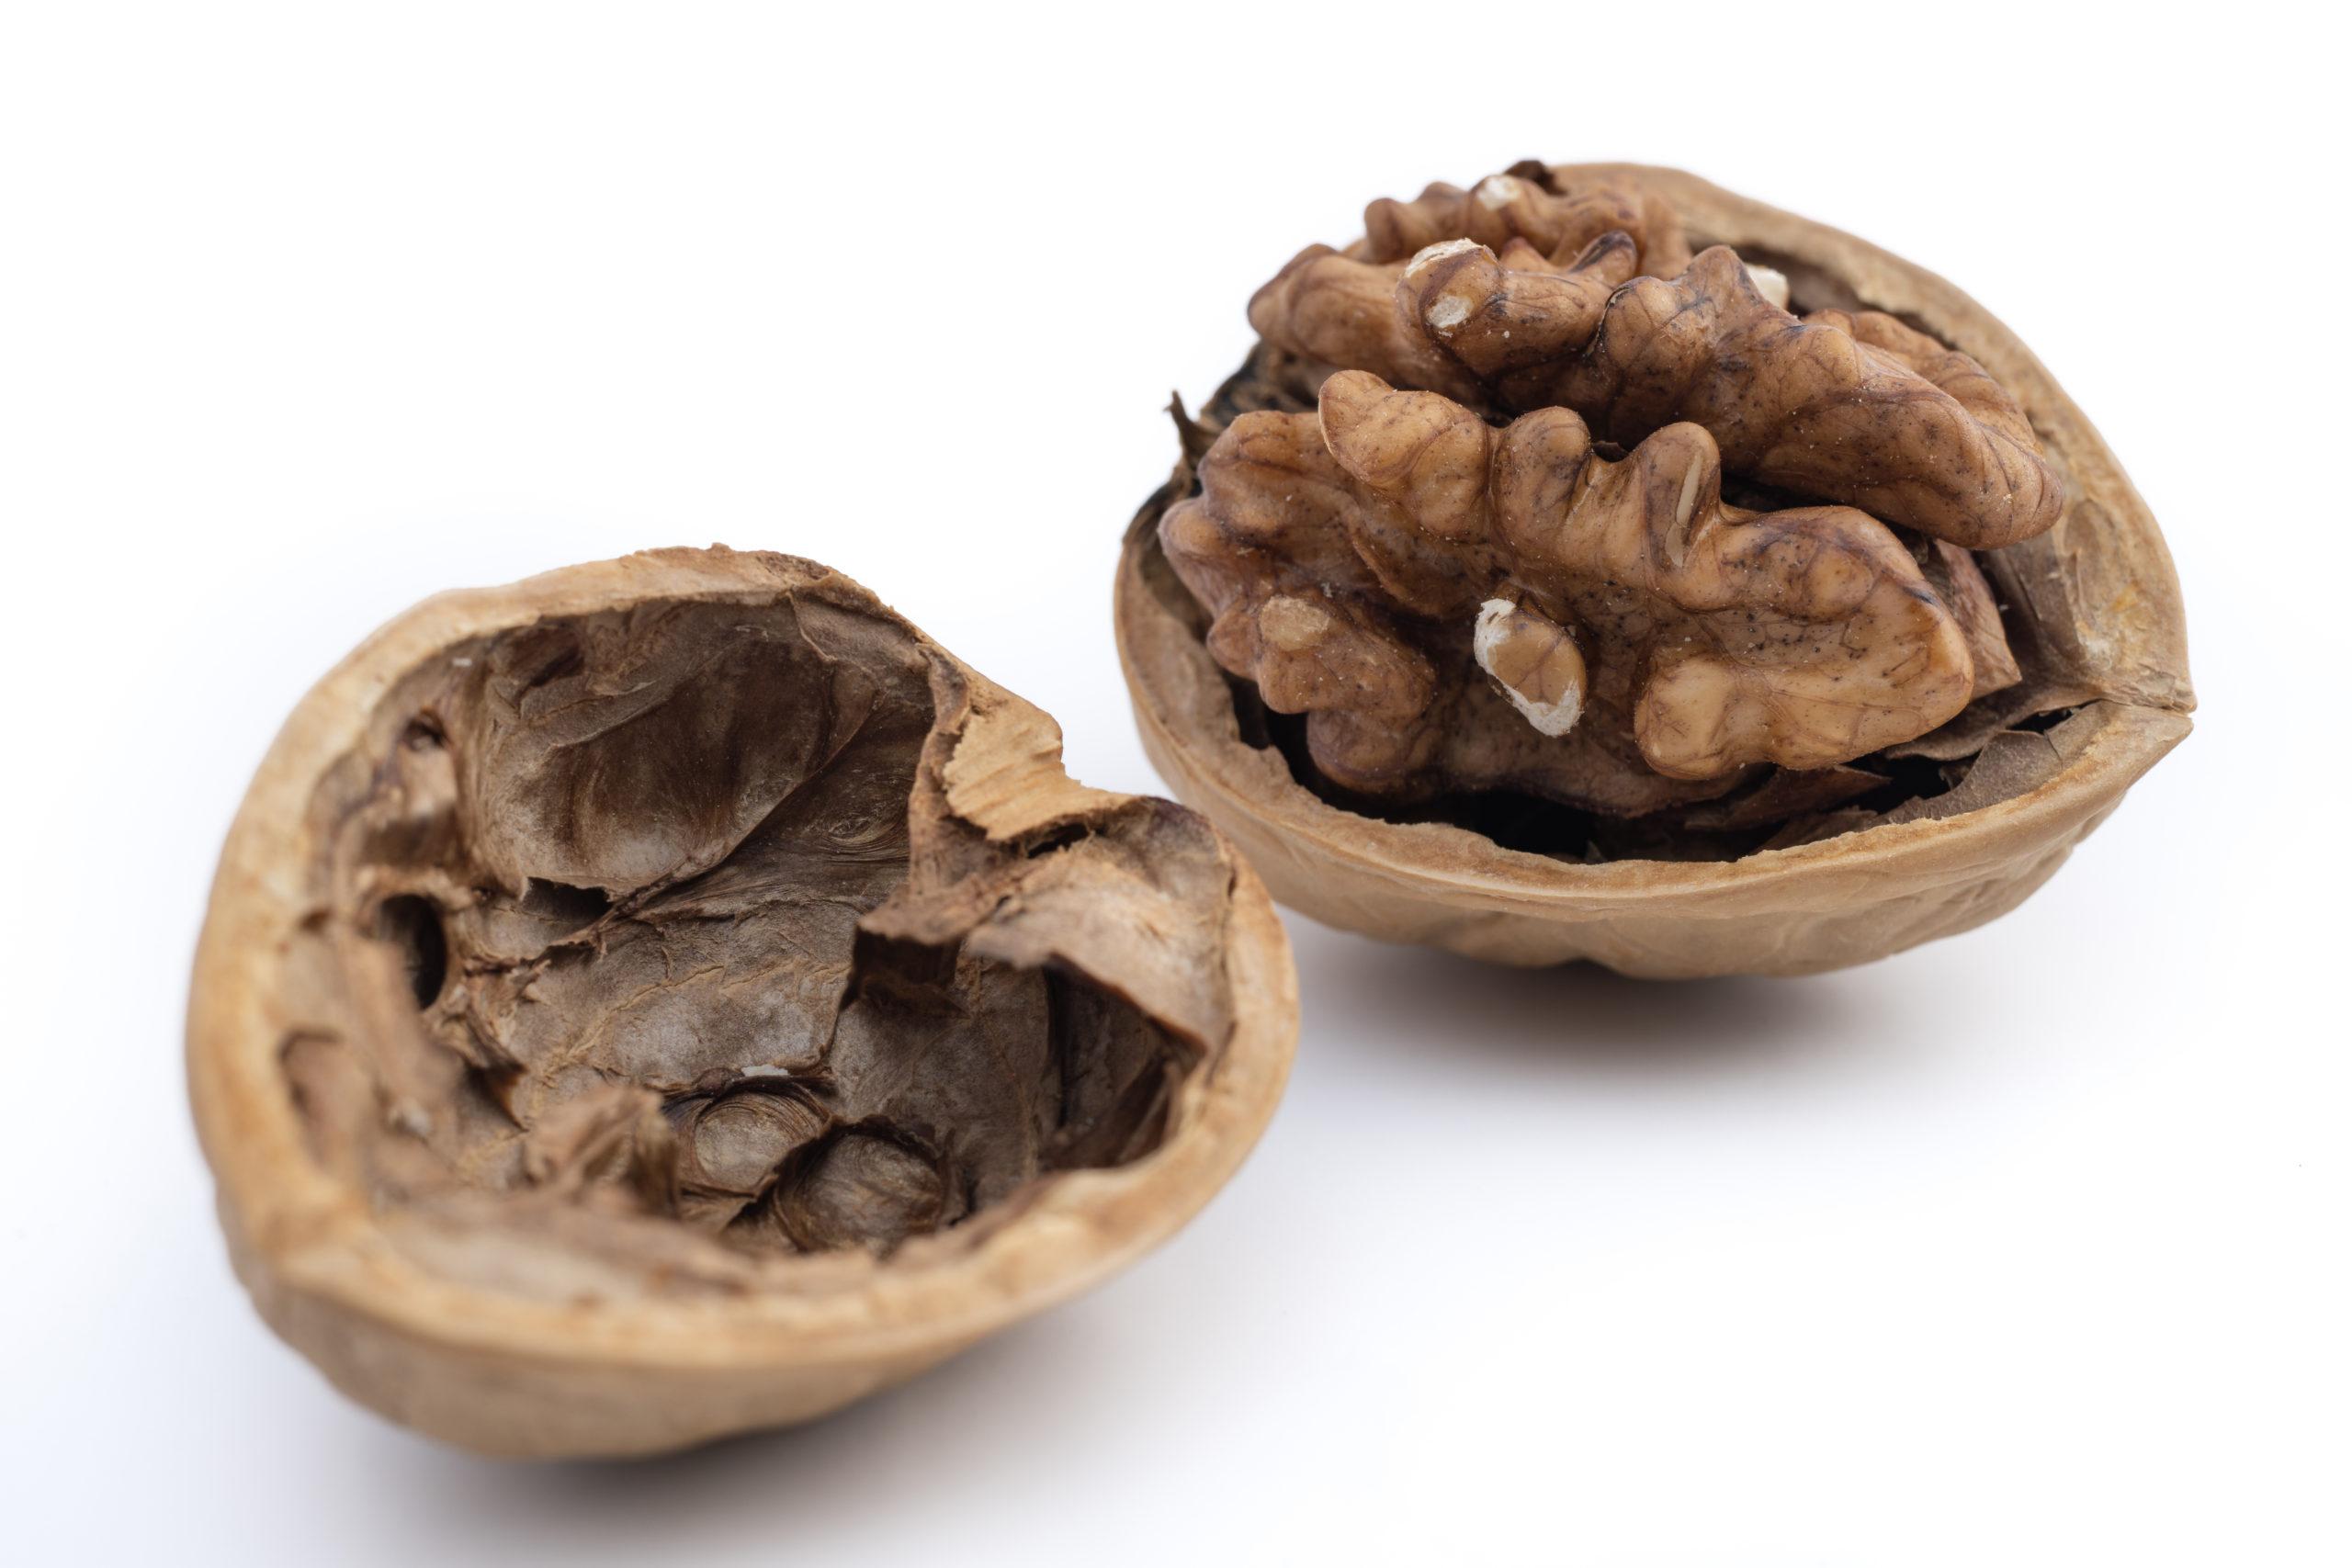 胡桃(Walnuts)の写真撮影白背景